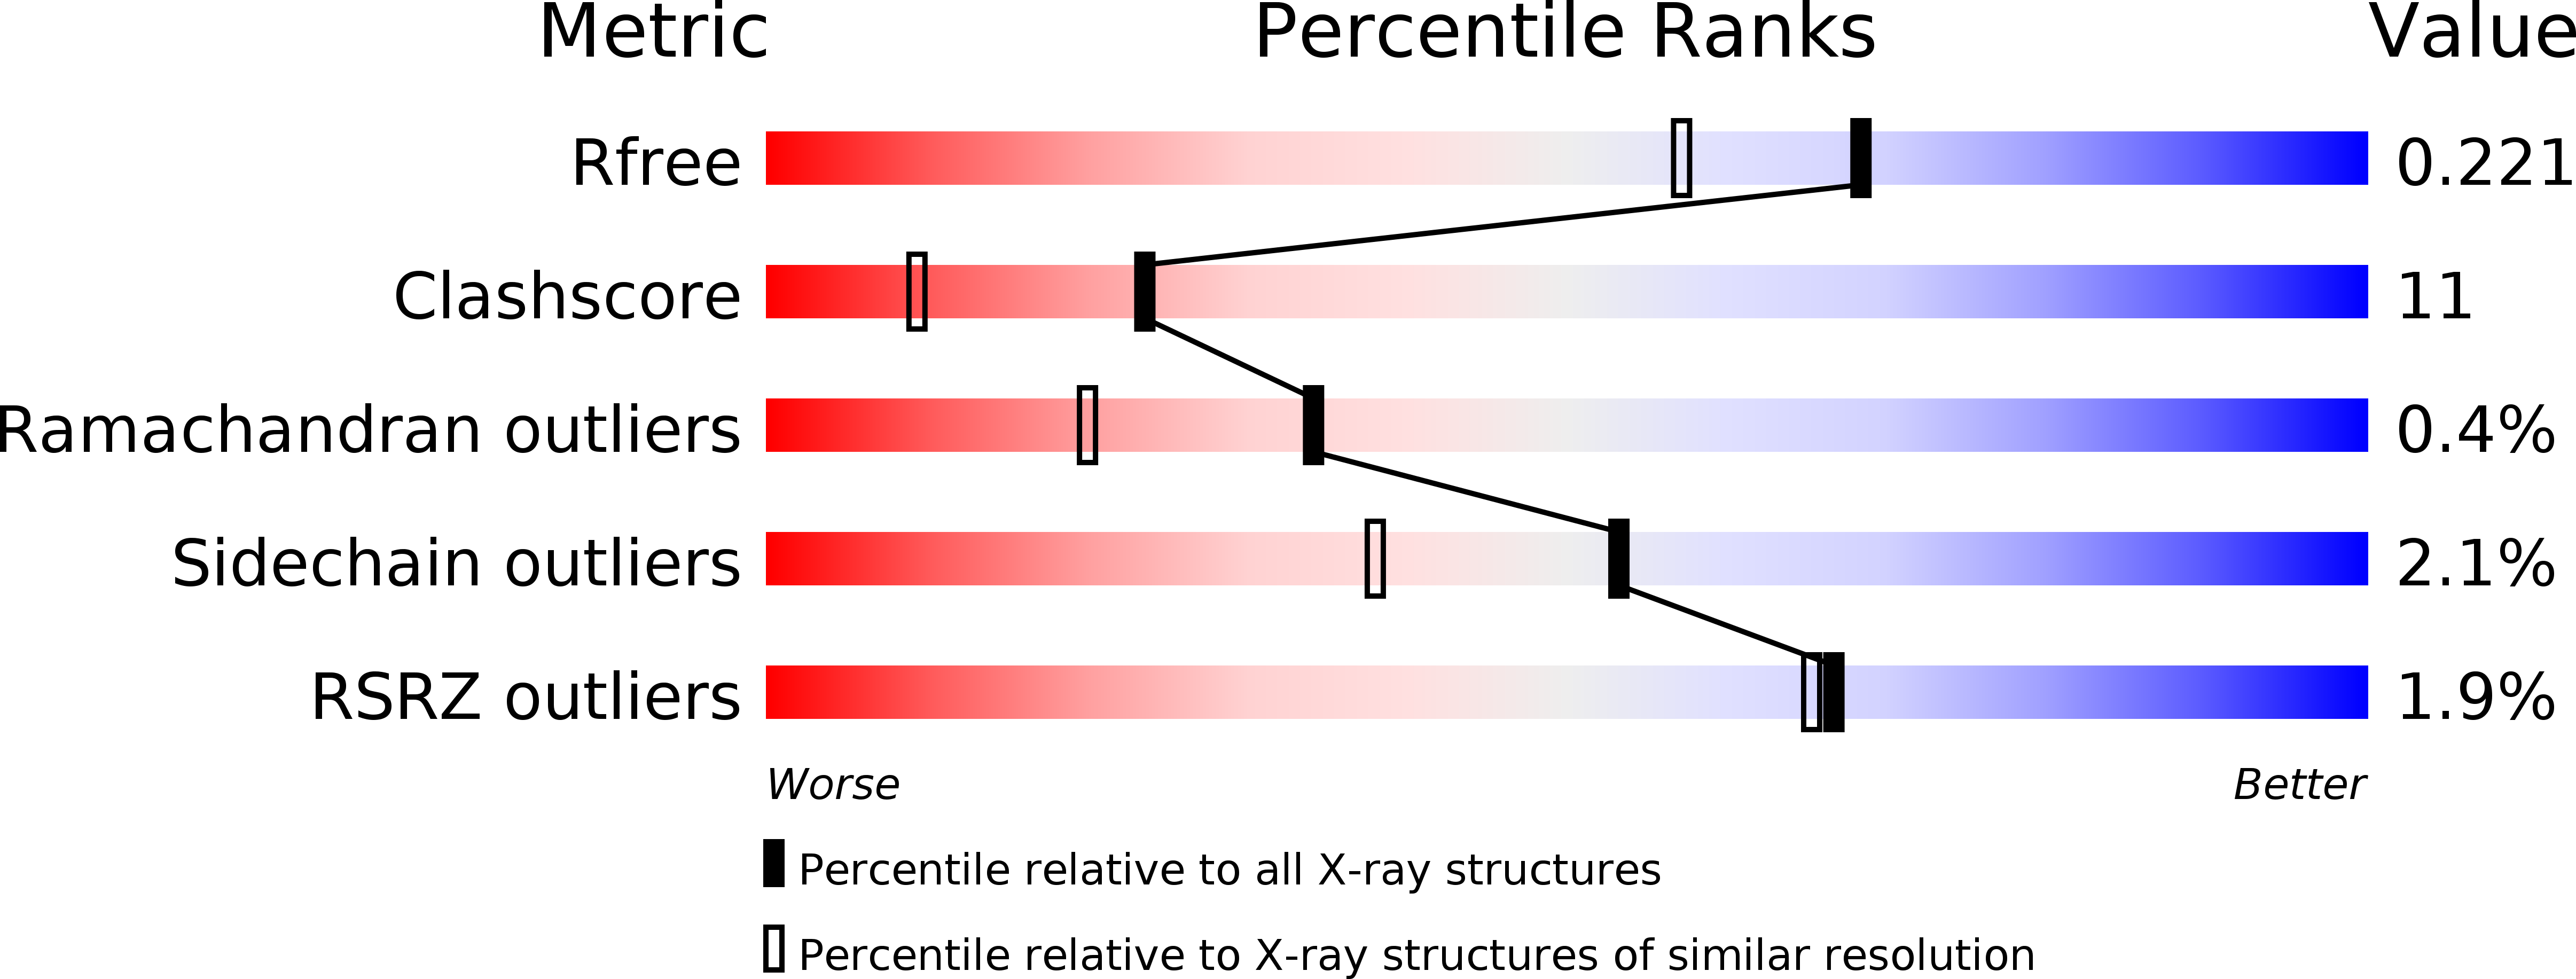 RCSB PDB - 4QUE: Caspase-3 Y195FV266H